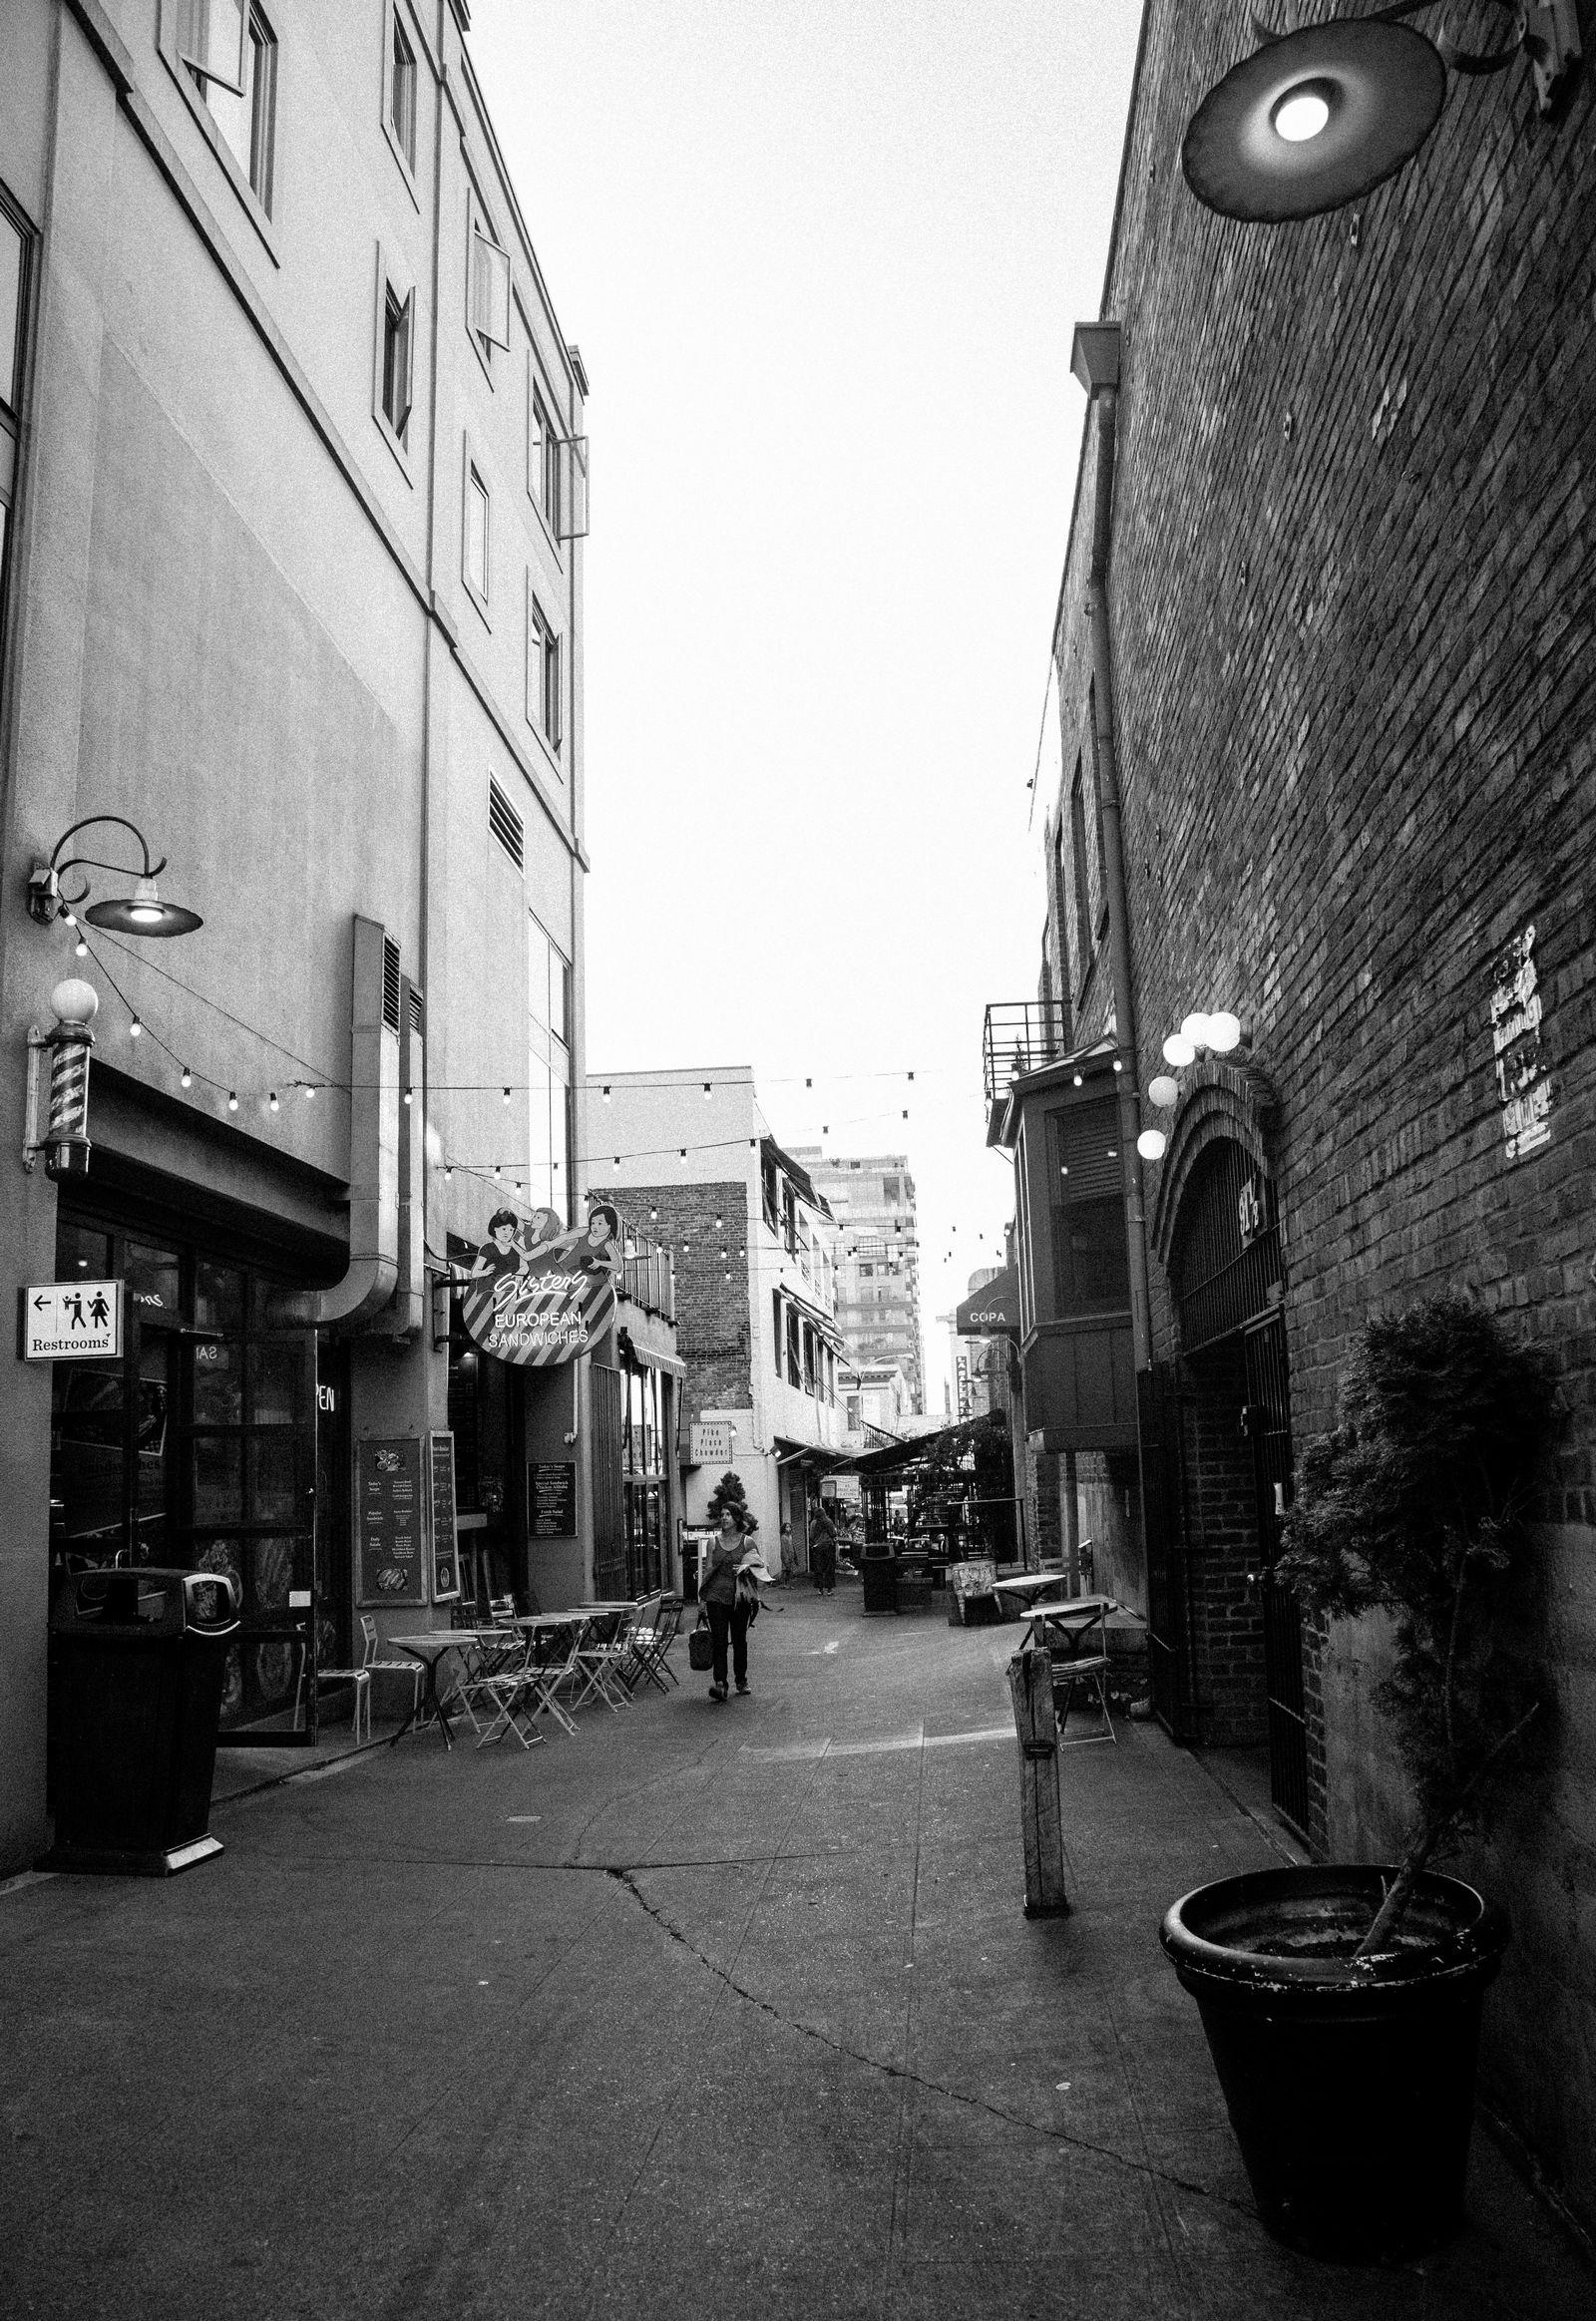 Callejones atravesando el mercado